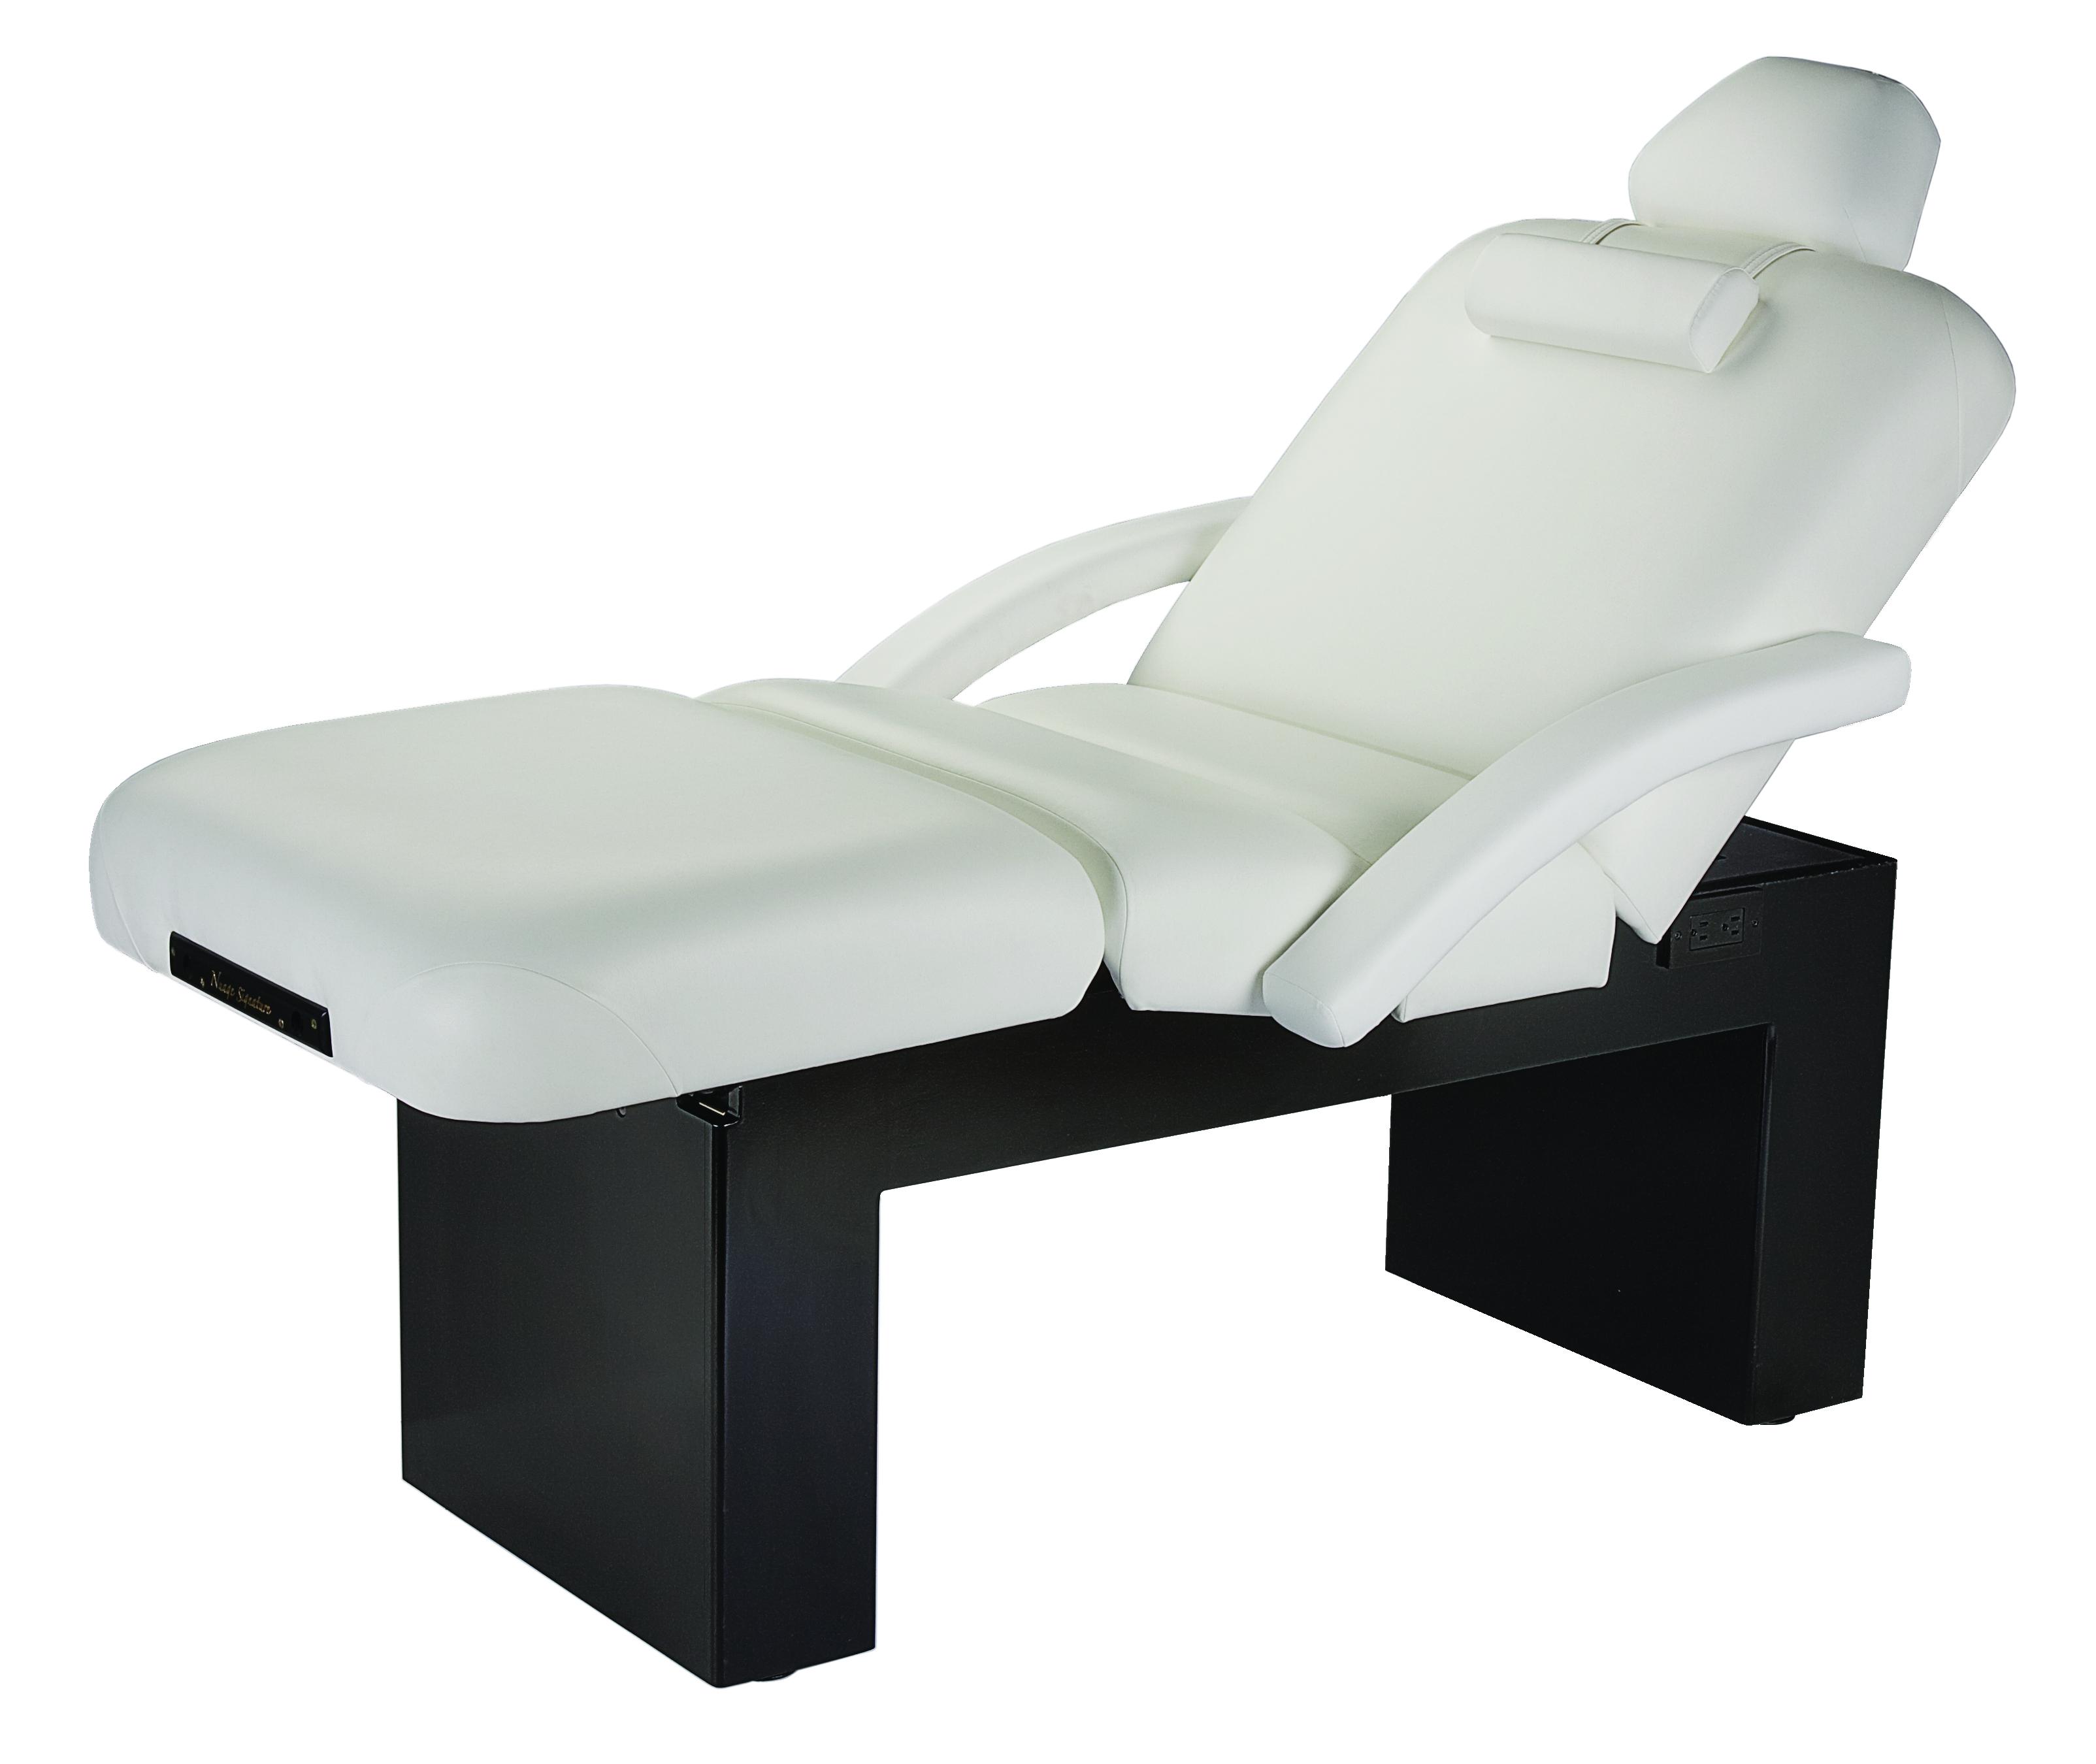 Oakworks Portable Massage Table Nuage Salon Table Pedestal Base